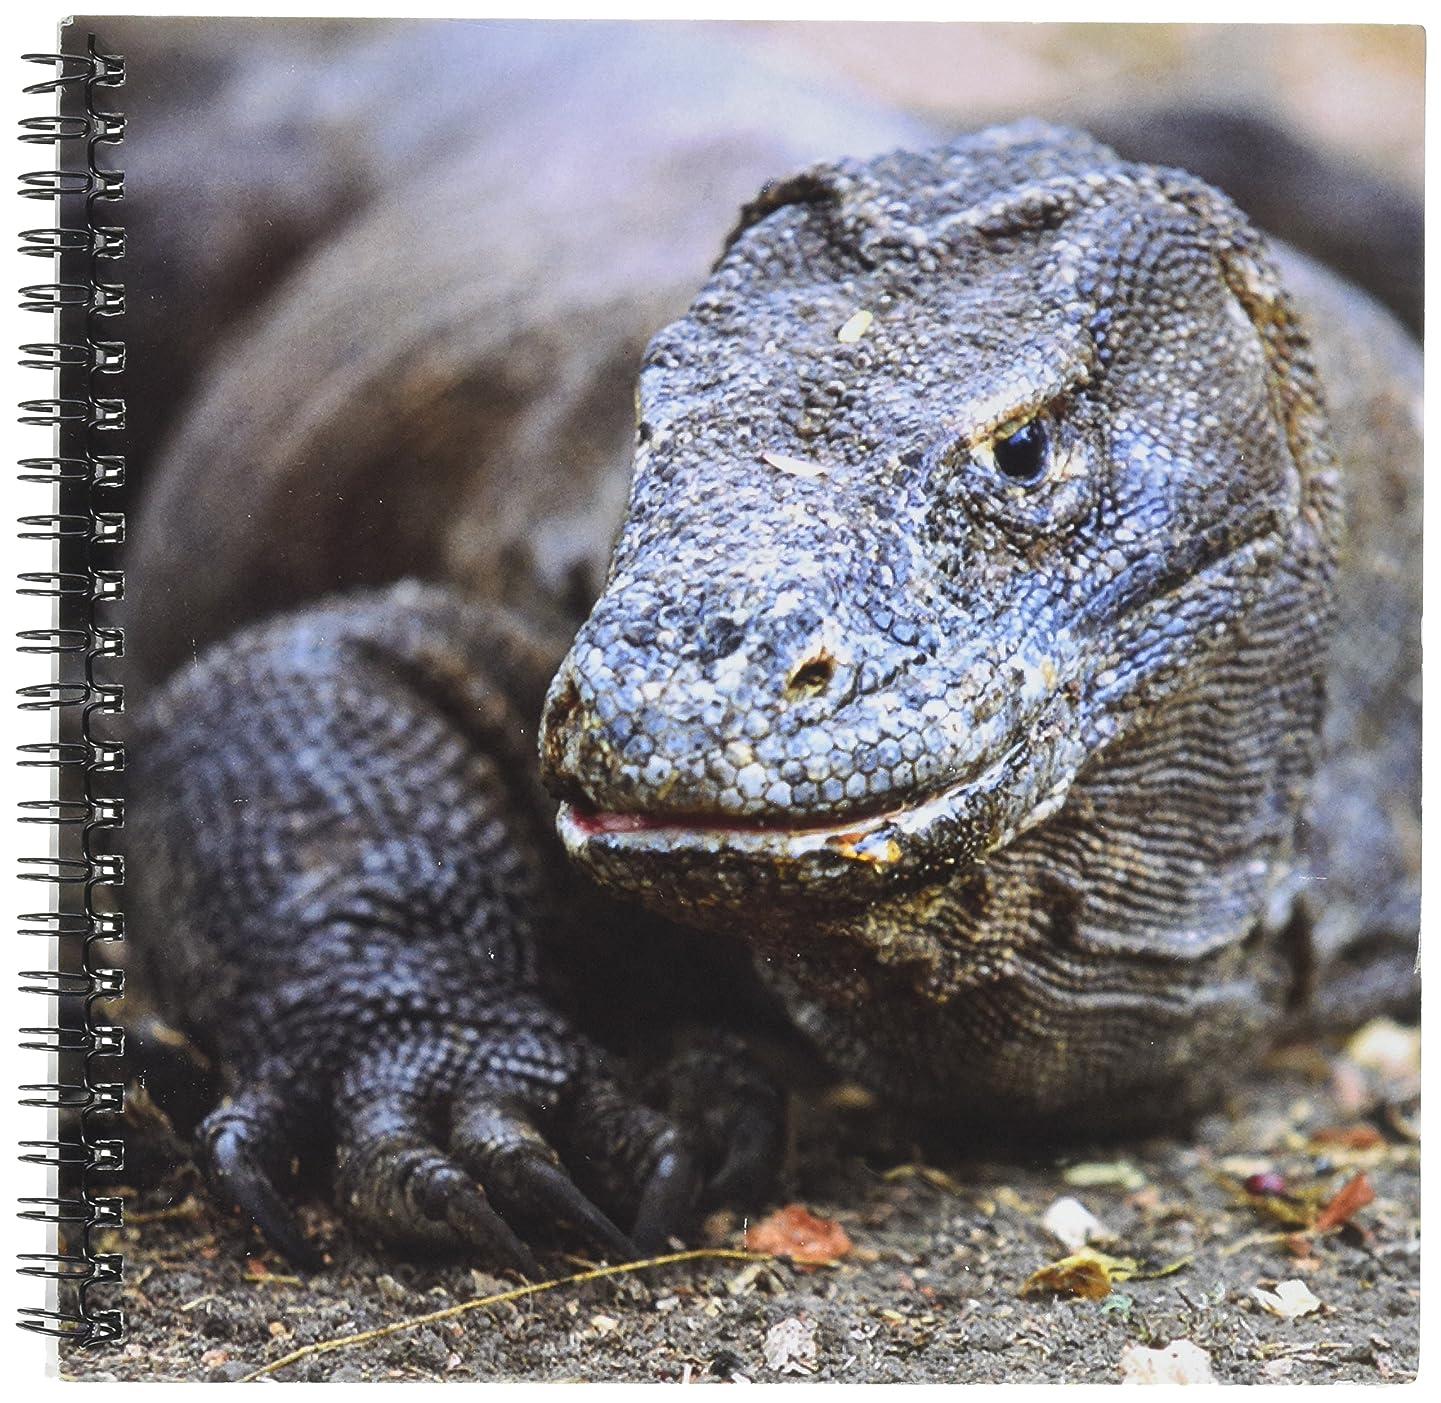 3dRose db_73174_1 Indonesia, Sunda Archipelago, Komodo Dragon Lizard-As11 Jst0015 Jay Sturdevant Drawing Book, 8 by 8-Inch